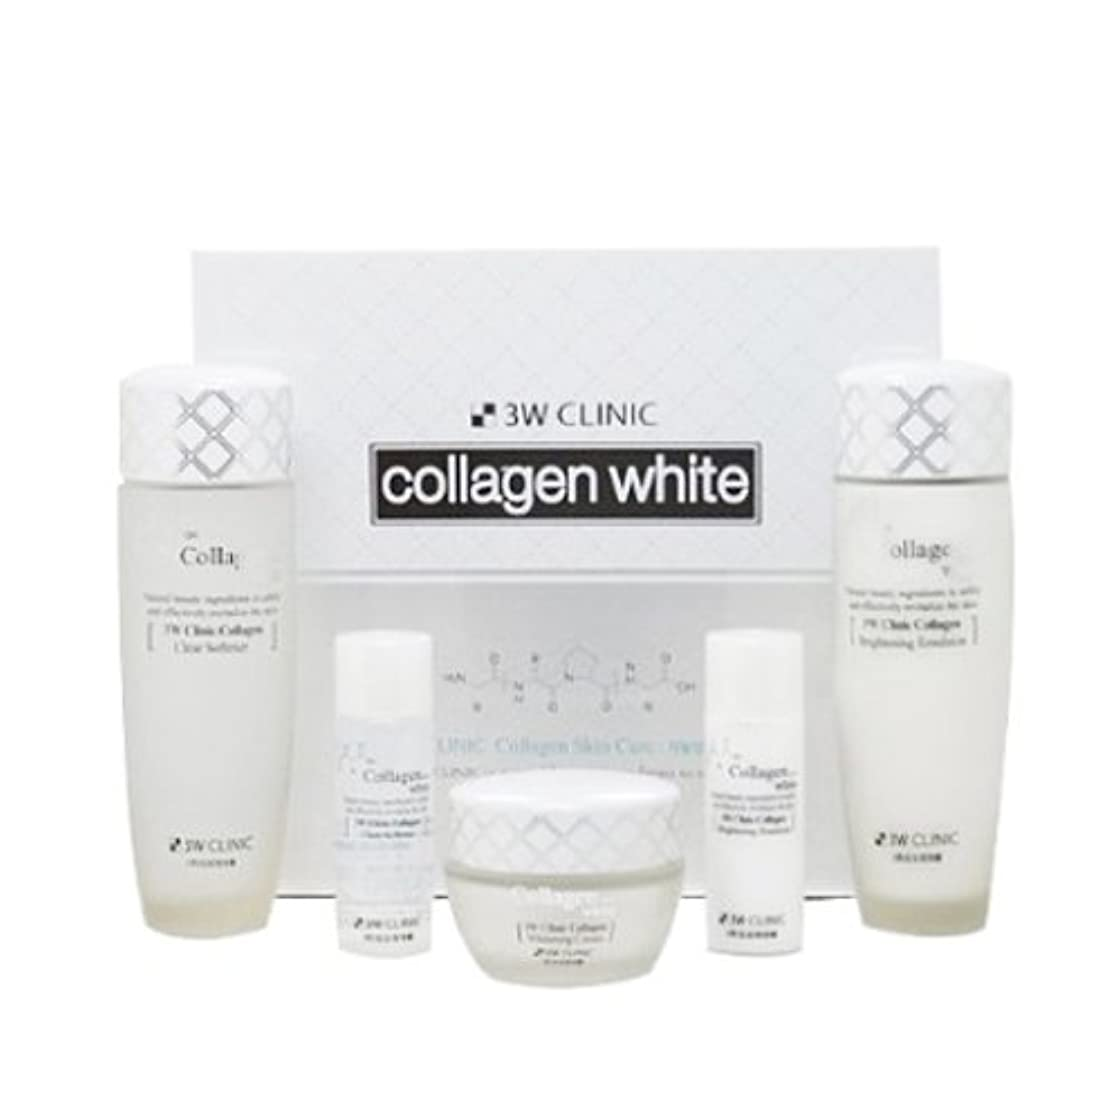 シールド車両オーバードロー3Wクリニック[韓国コスメ3w Clinic]Collagen White Skin Care コラーゲンホワイトスキンケア3セット樹液,乳液,クリーム [並行輸入品]